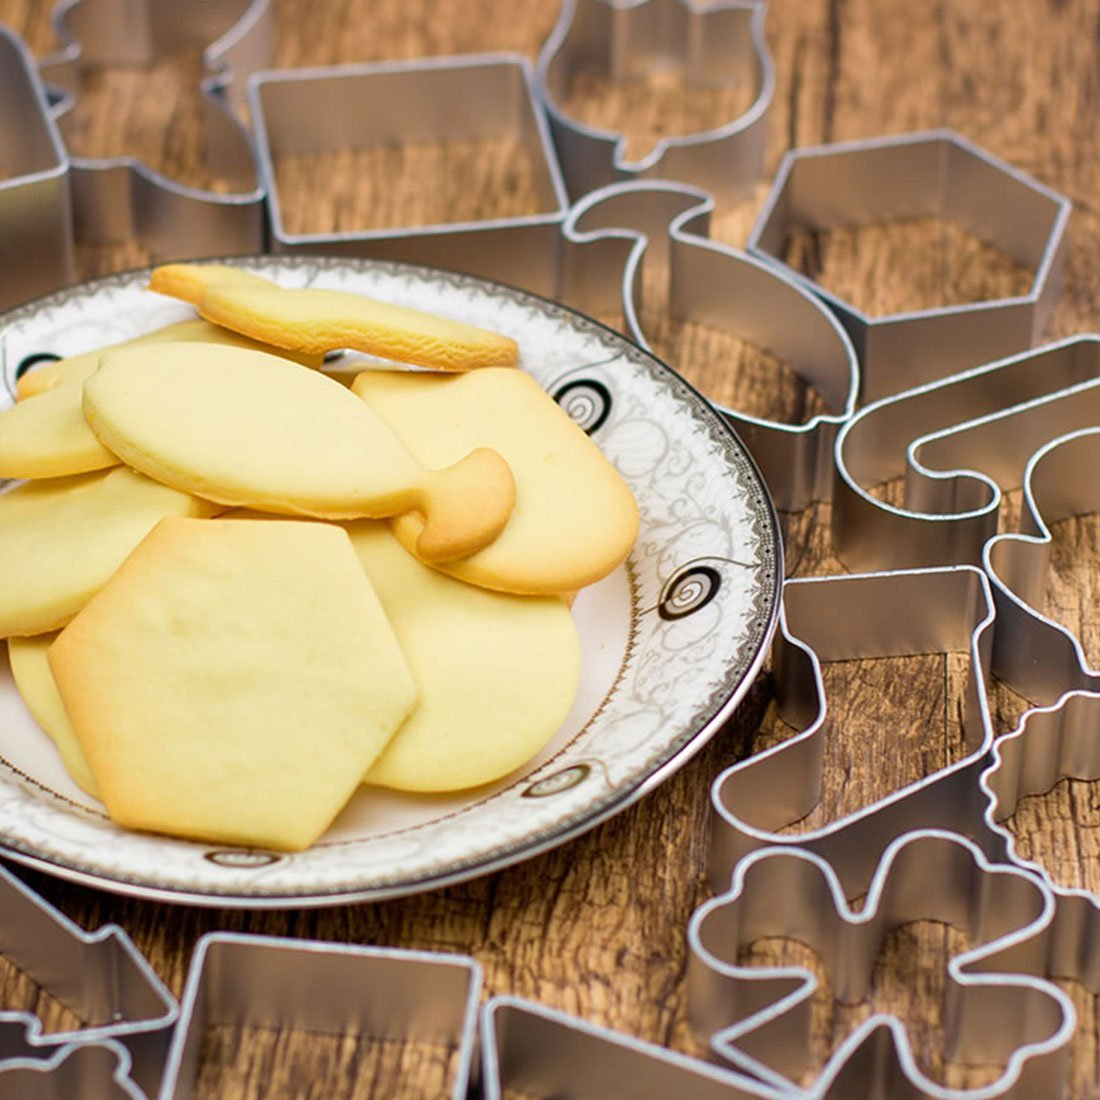 Amazon.com: eDealMax acero inoxidable casero cocina Pétalos del tulipán Diseño galleta de la torta molde del cortador 2 en 1: Kitchen & Dining